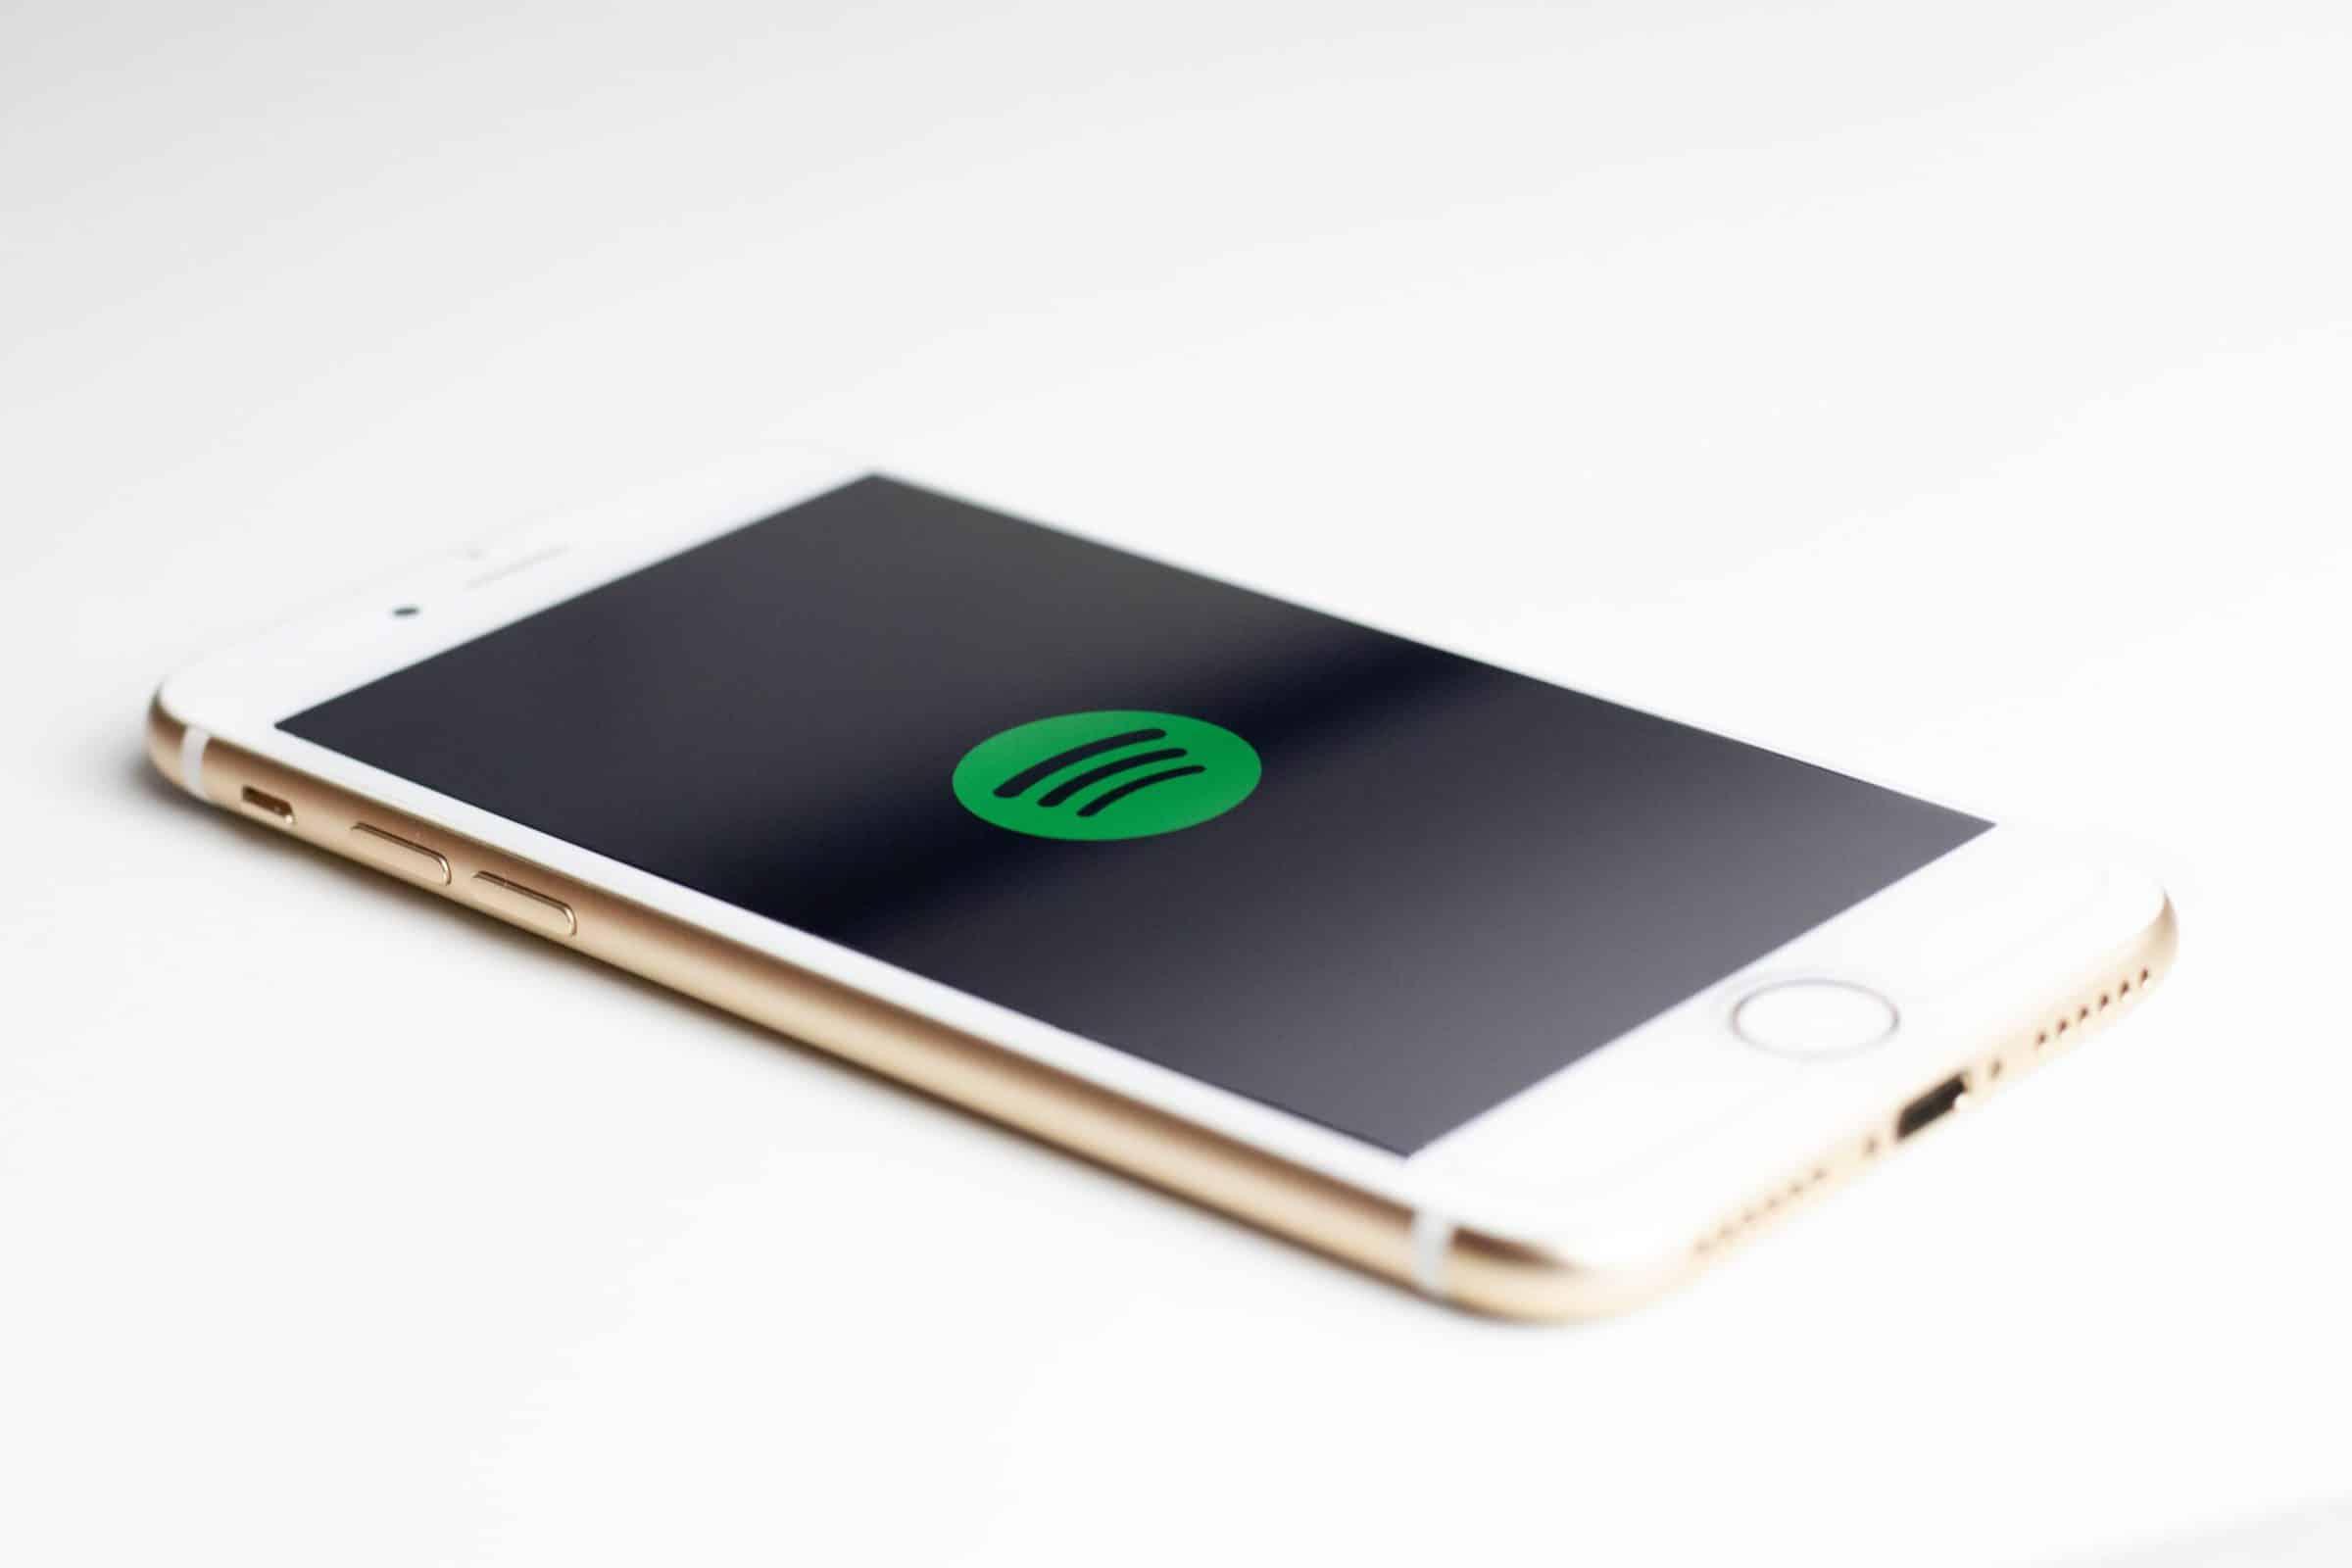 Telefoon met spotify app